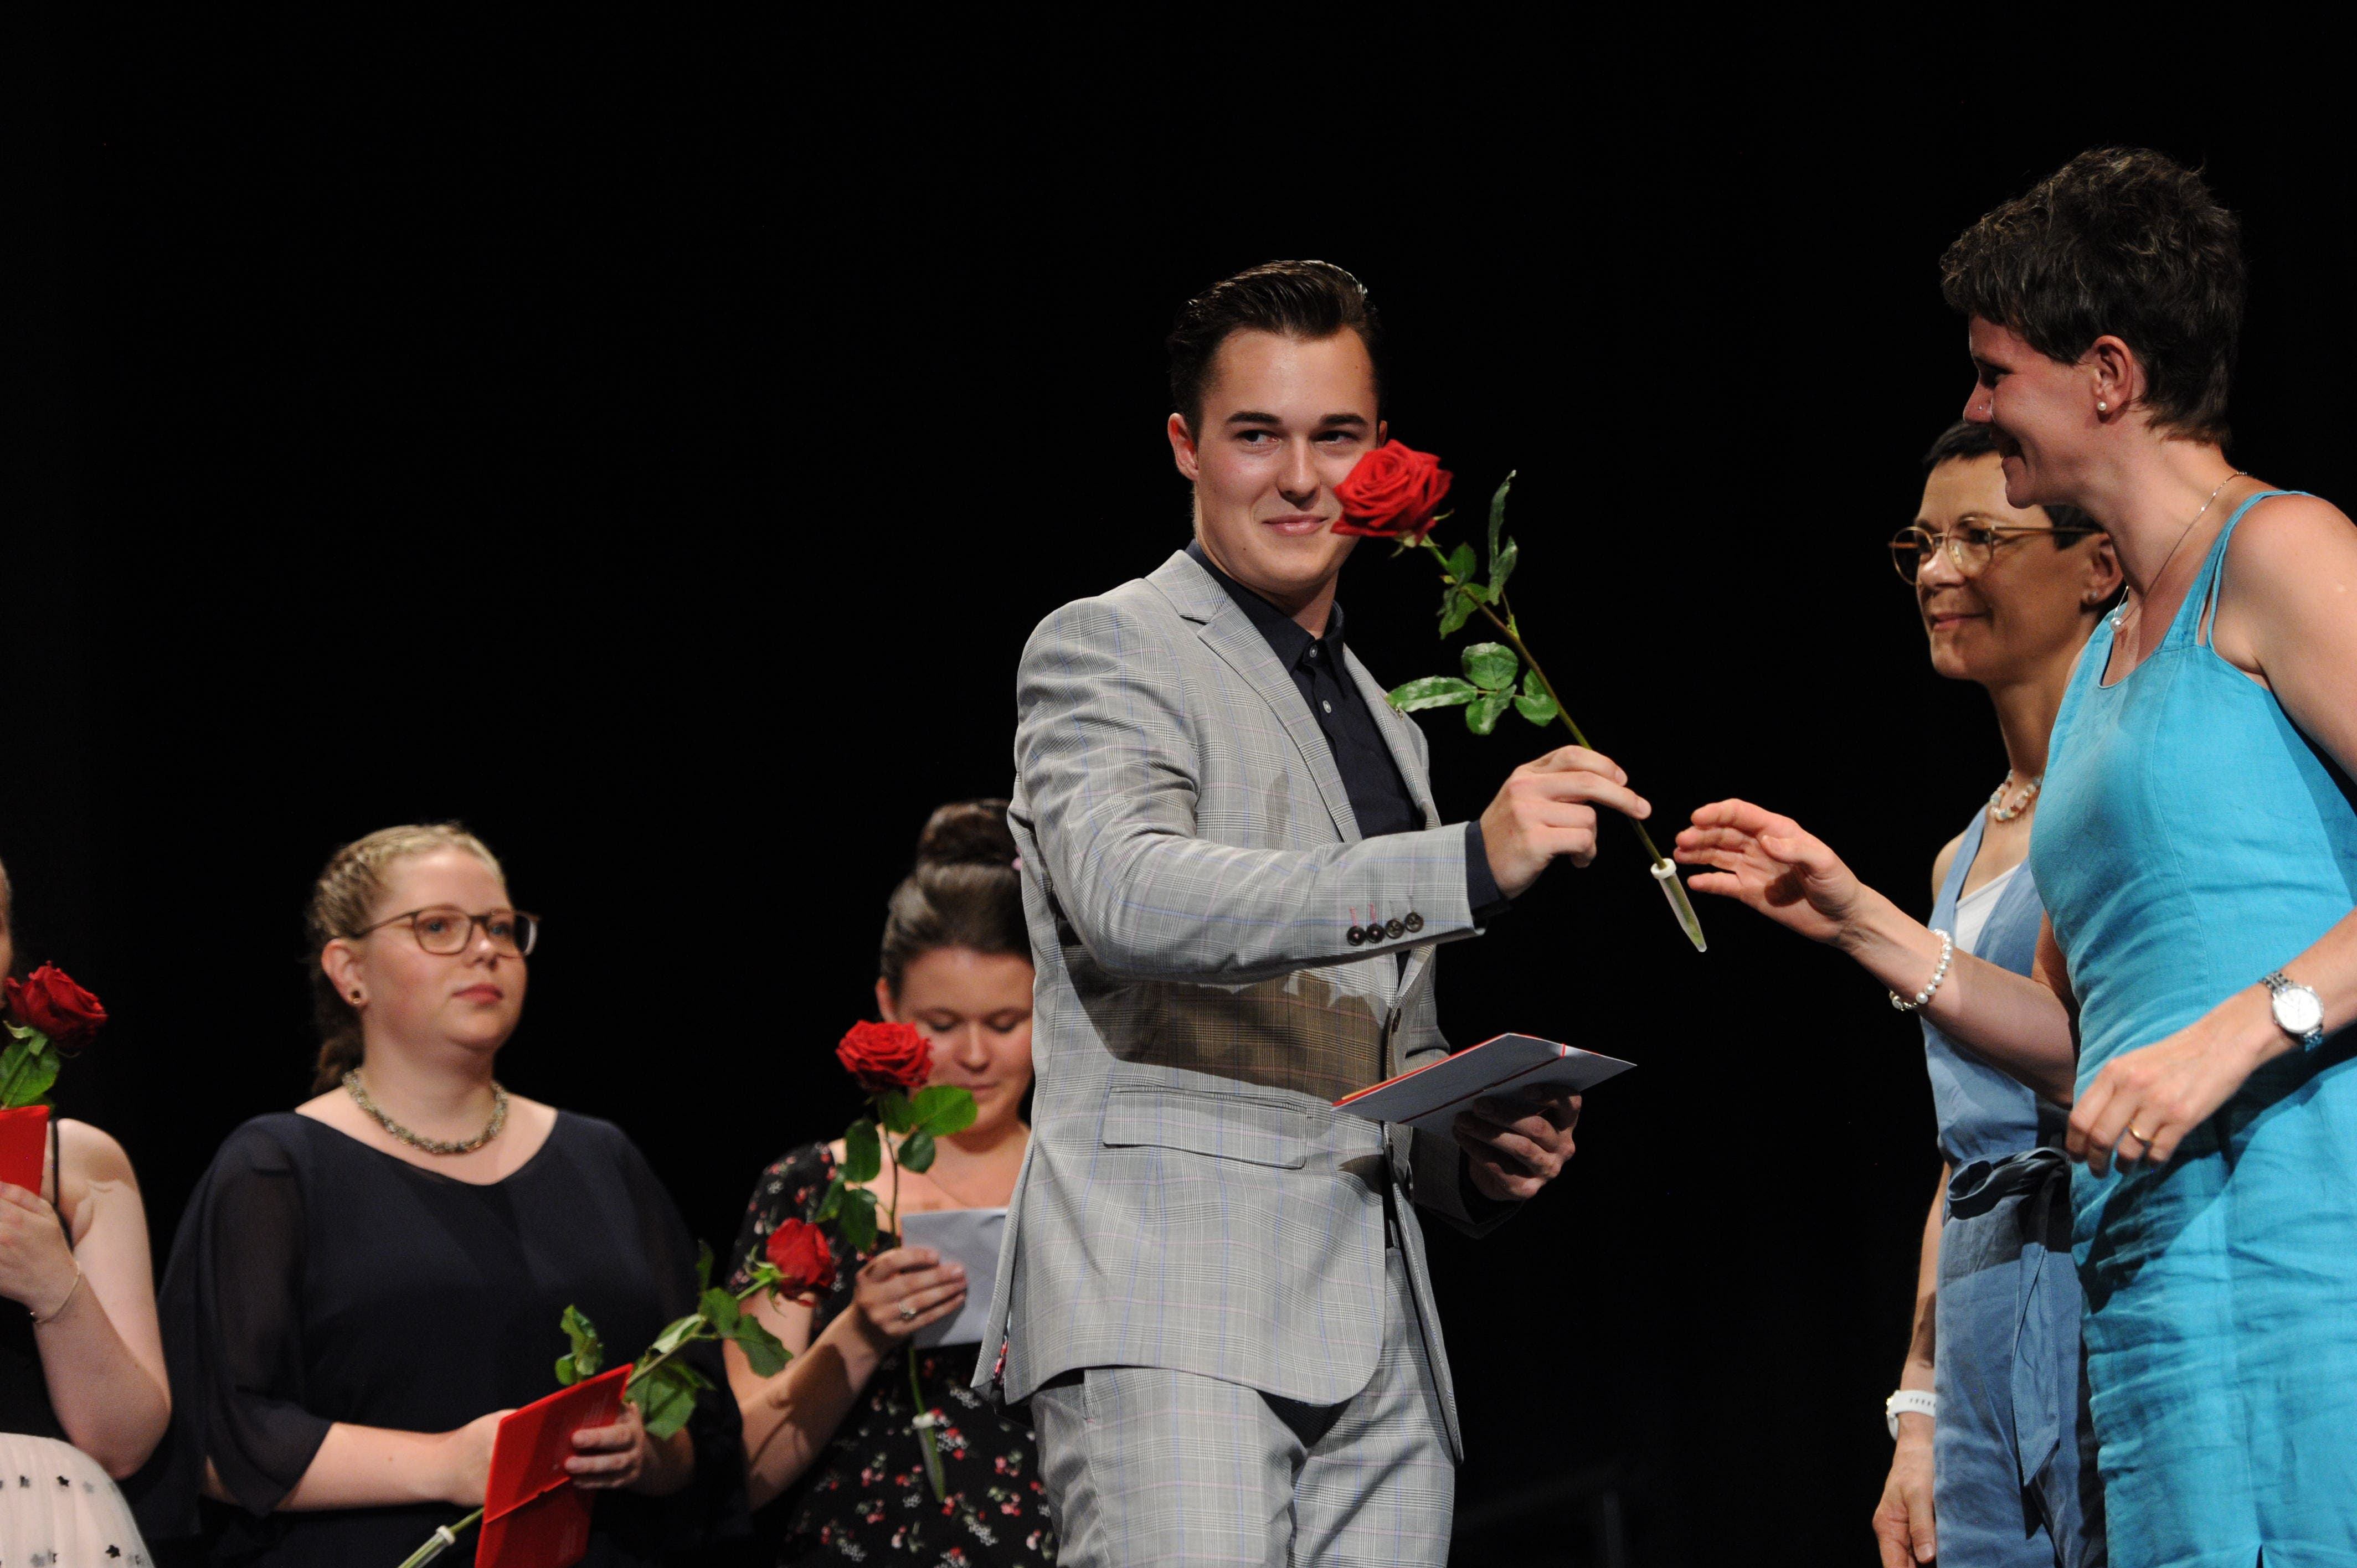 Für alle gab es nebst dem Zeugnis auch noch eine Rose. (Bild: Urs Hanhart, 4. Juli 2019)